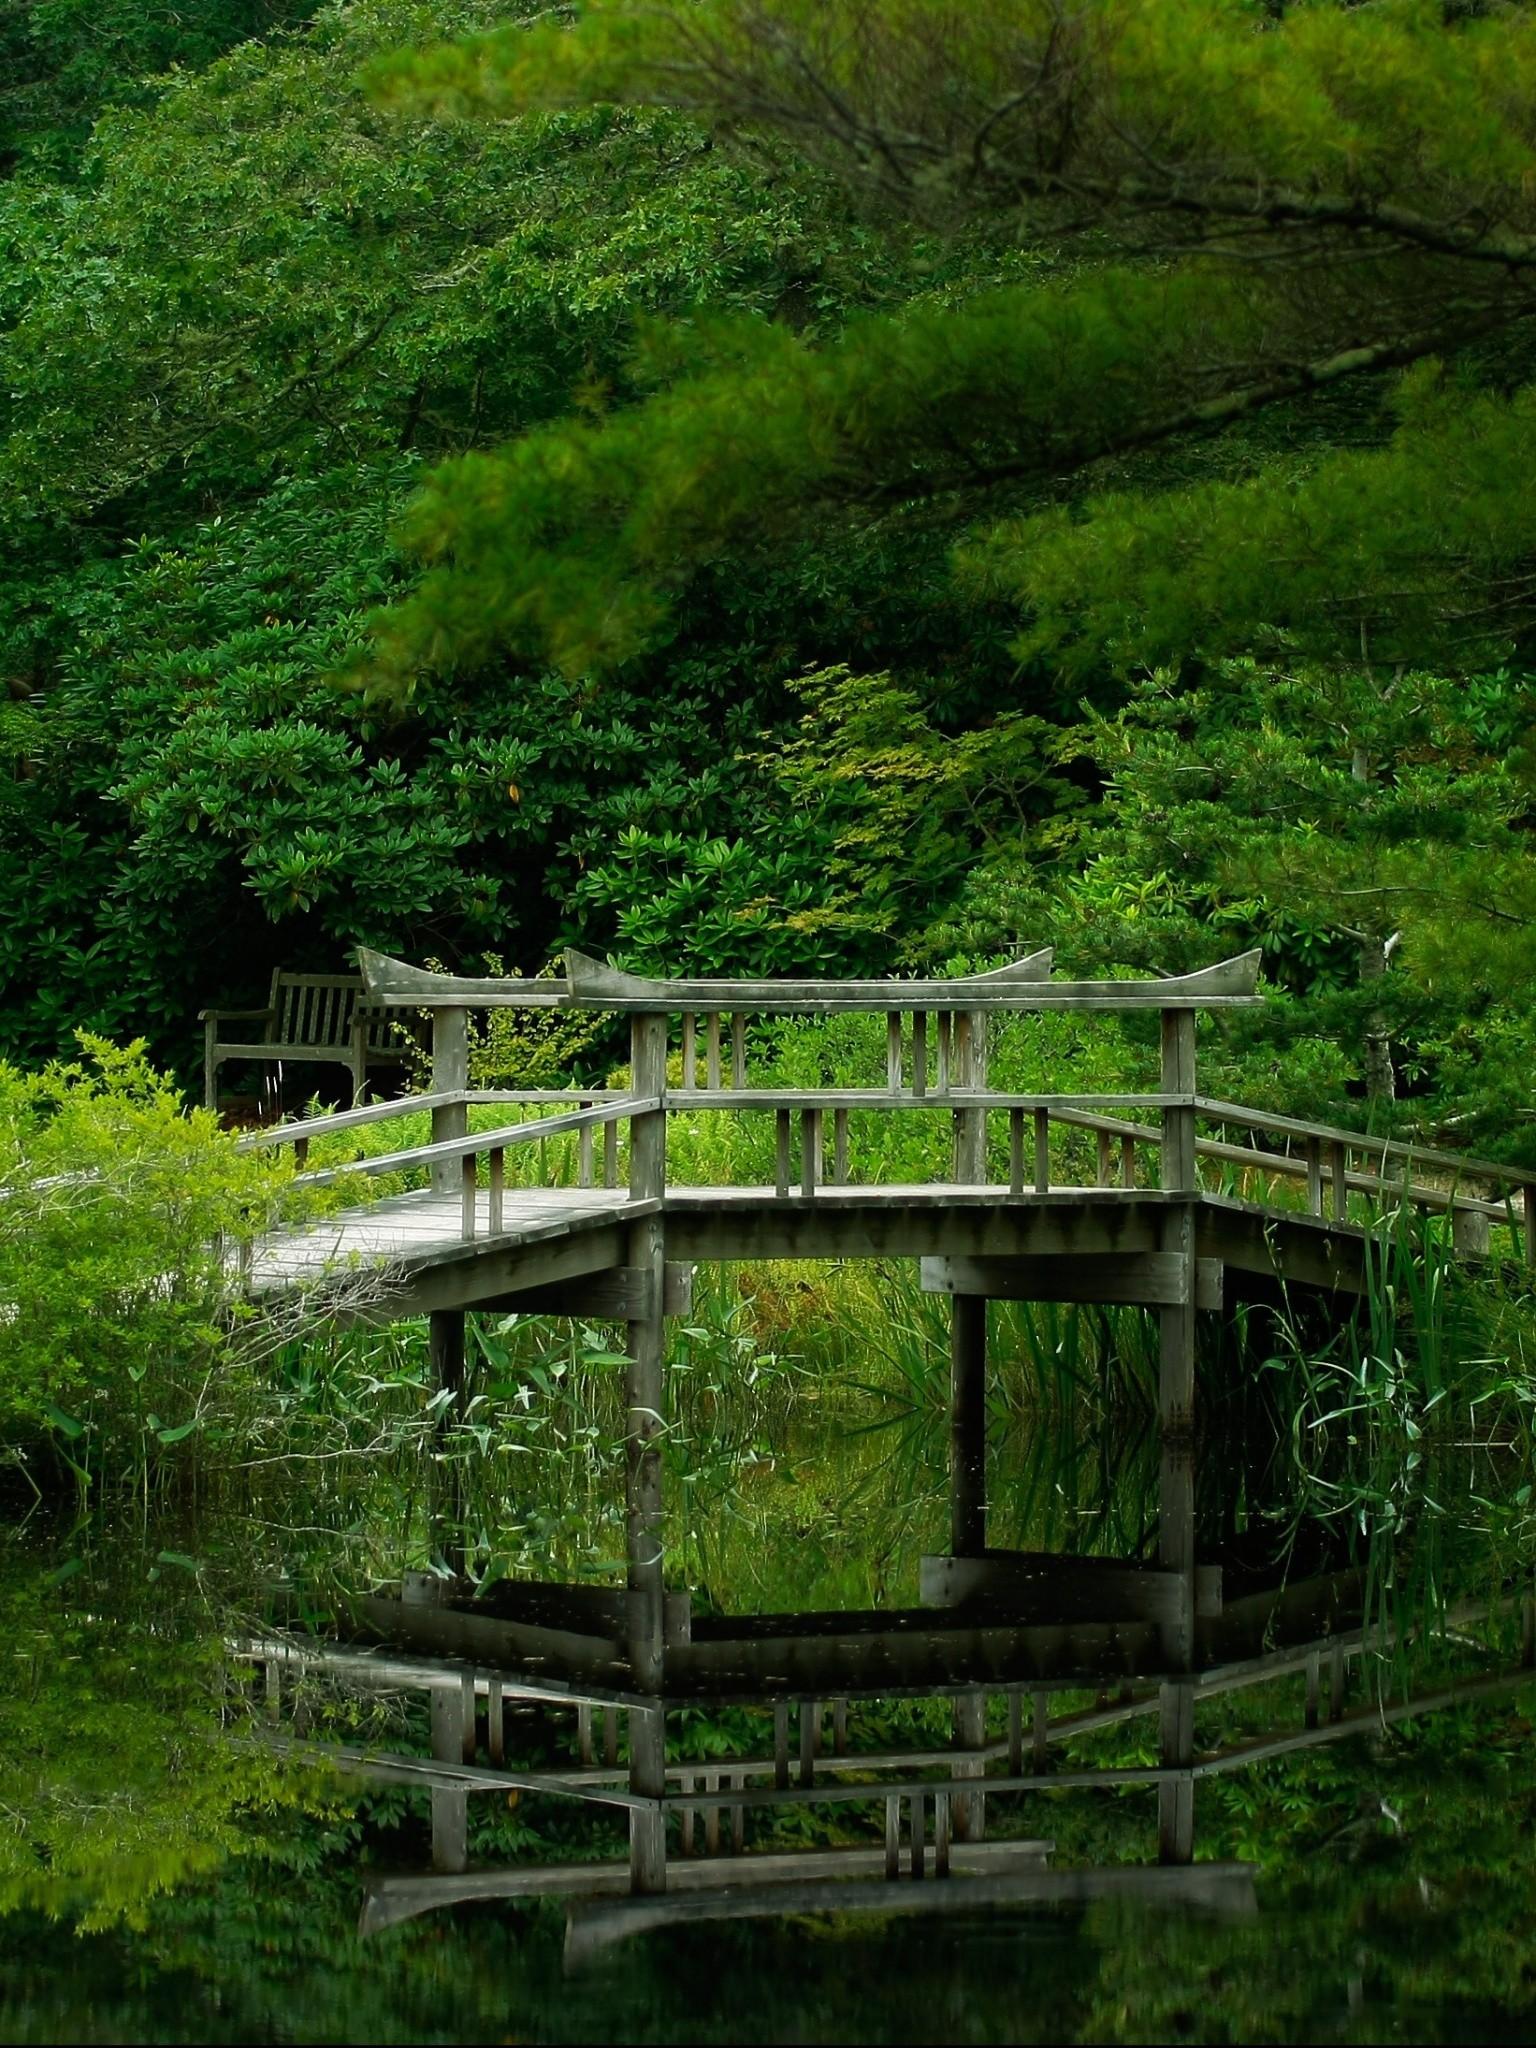 Lake Forest Bridge Nature Garden Wallpaper - Forest Ultra 4k Hd - HD Wallpaper